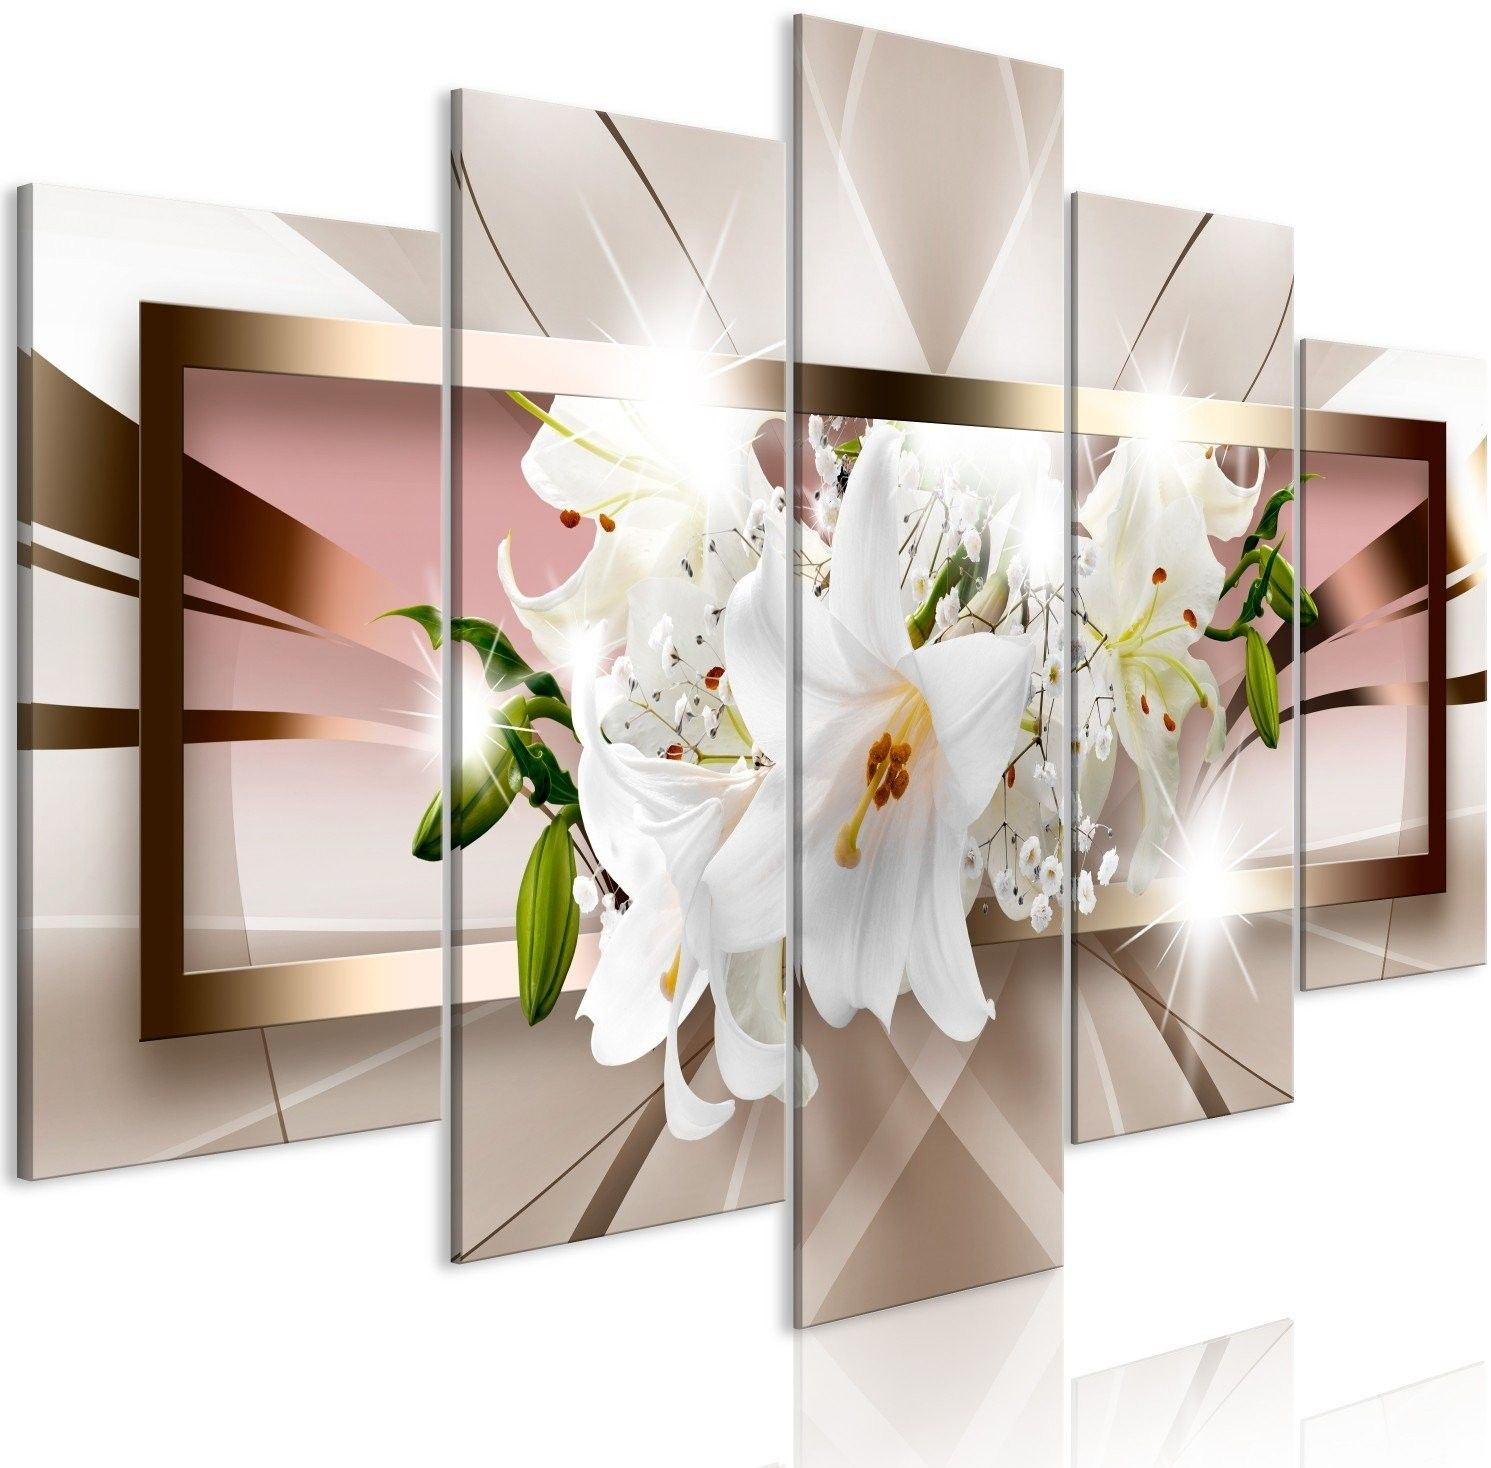 Obraz - wyjście z zaświatów (5-częściowy) szeroki